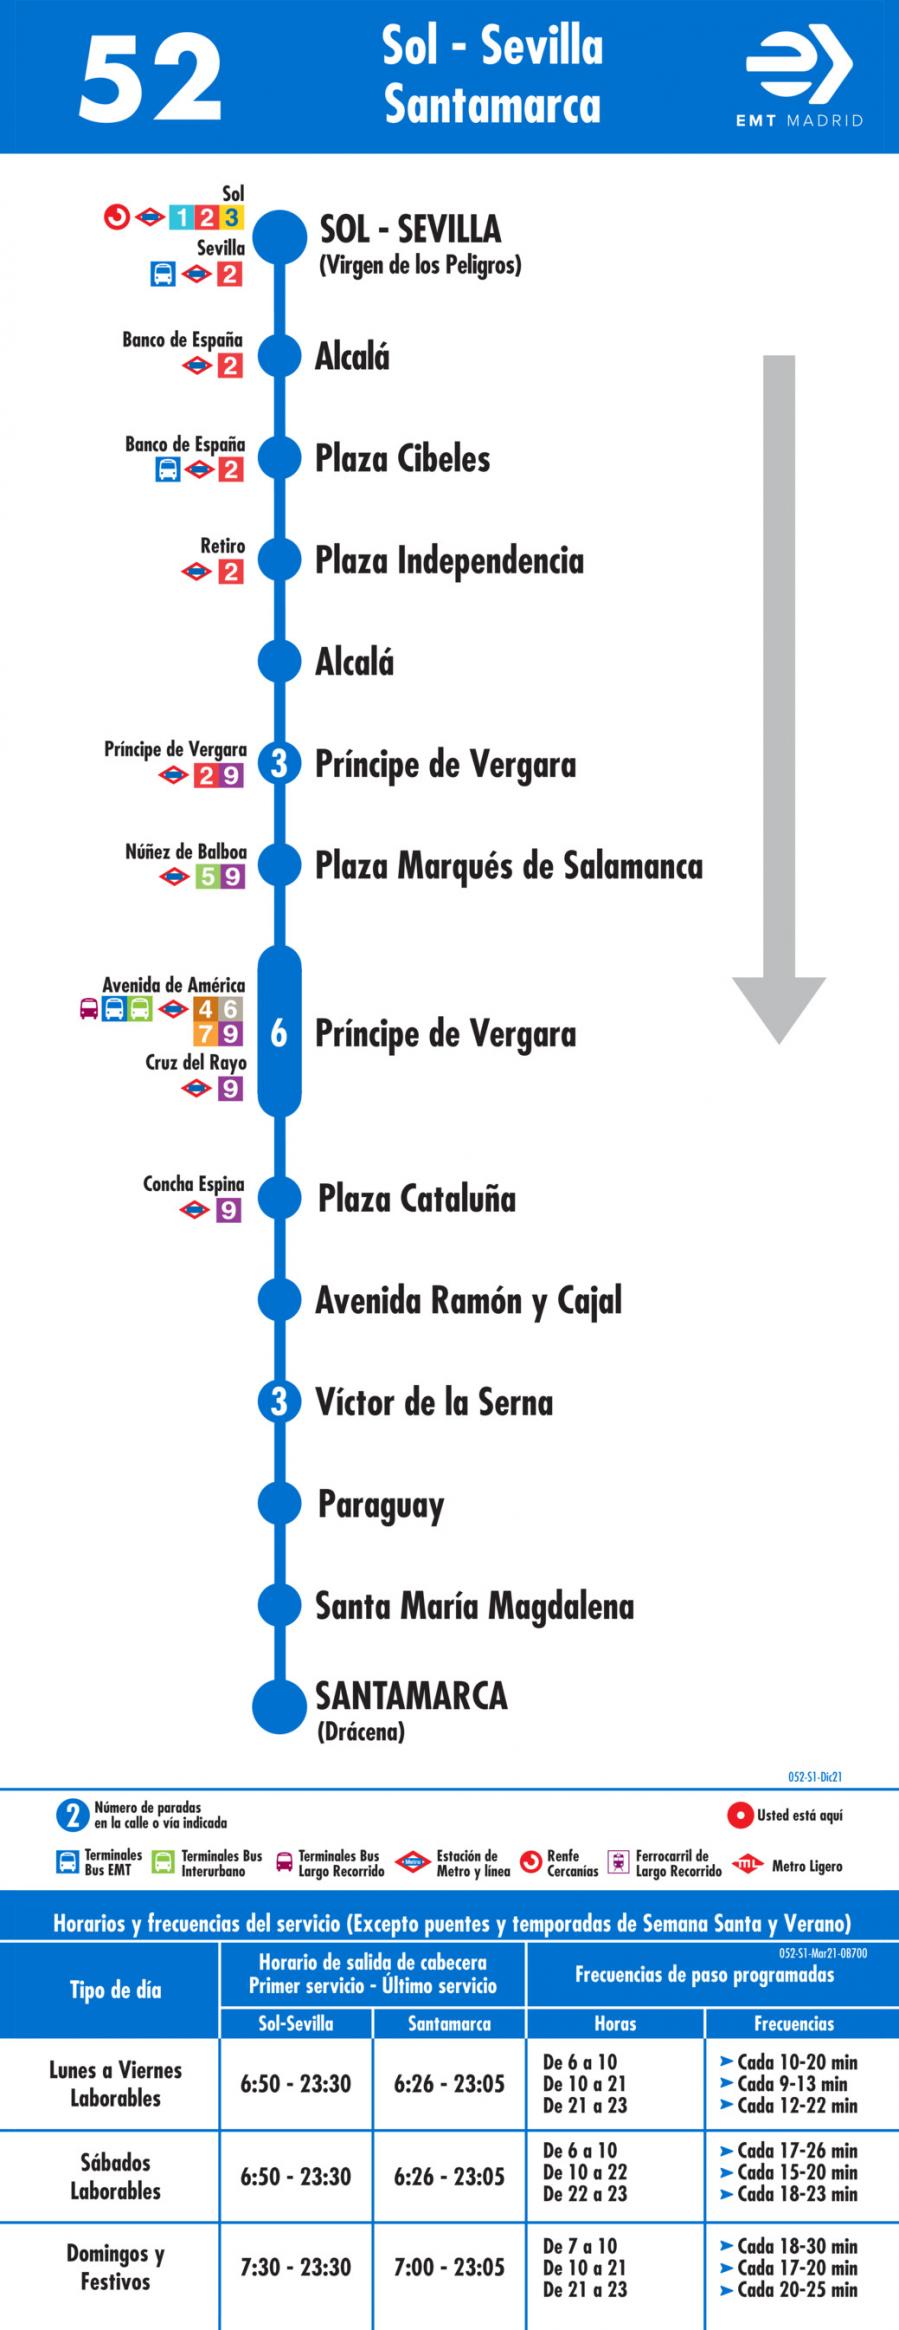 Horarios de autob s 52 puerta del sol santamarca for Del sol horario